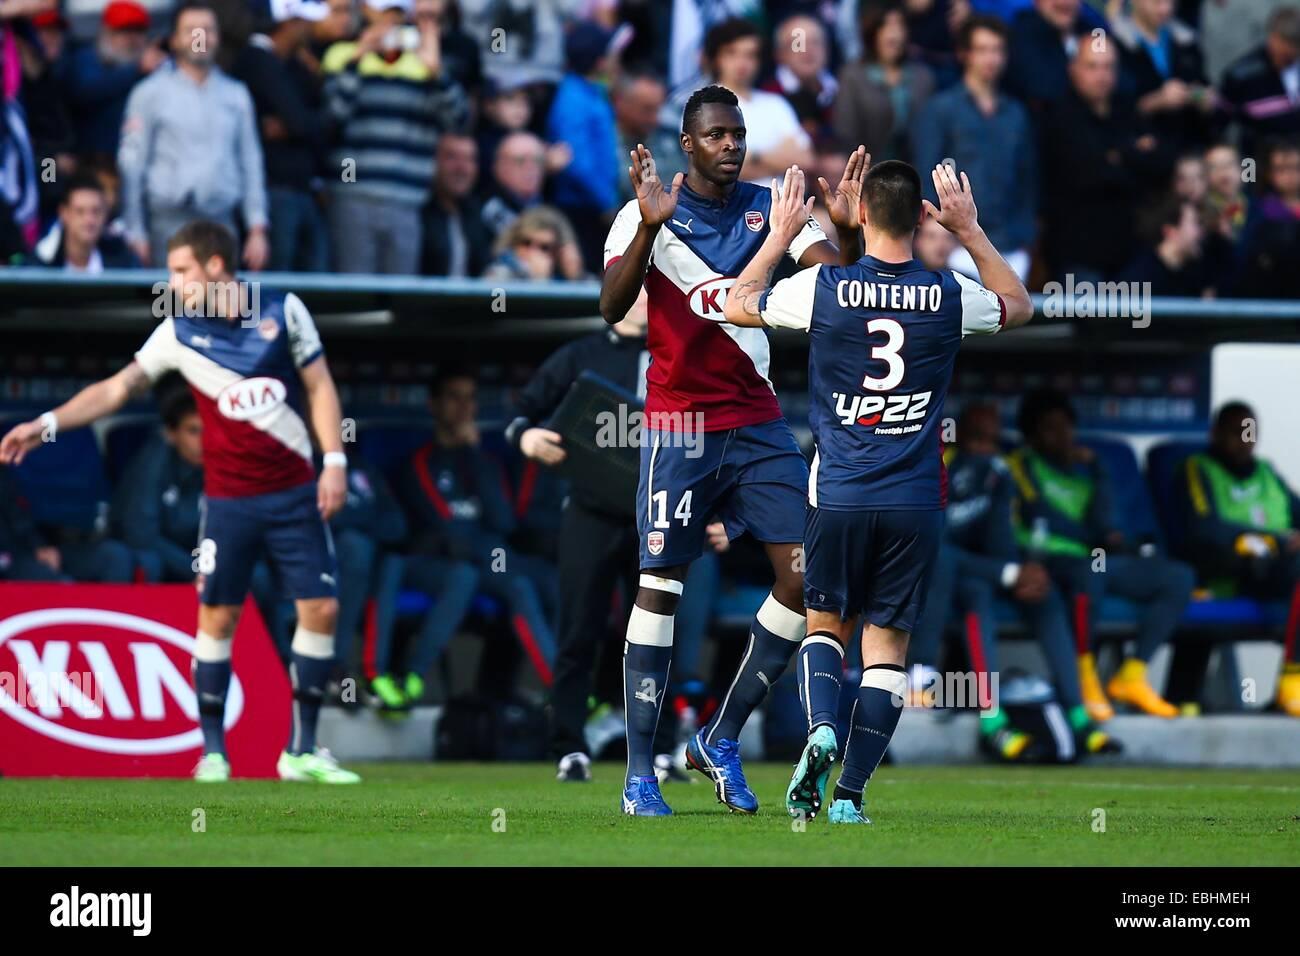 Cheikh Diabate / Diego contento - 30.11.2014 - Bordeaux / Lille - 15eme journee de Ligue 1 Photo : Manuel Blondau Immagini Stock